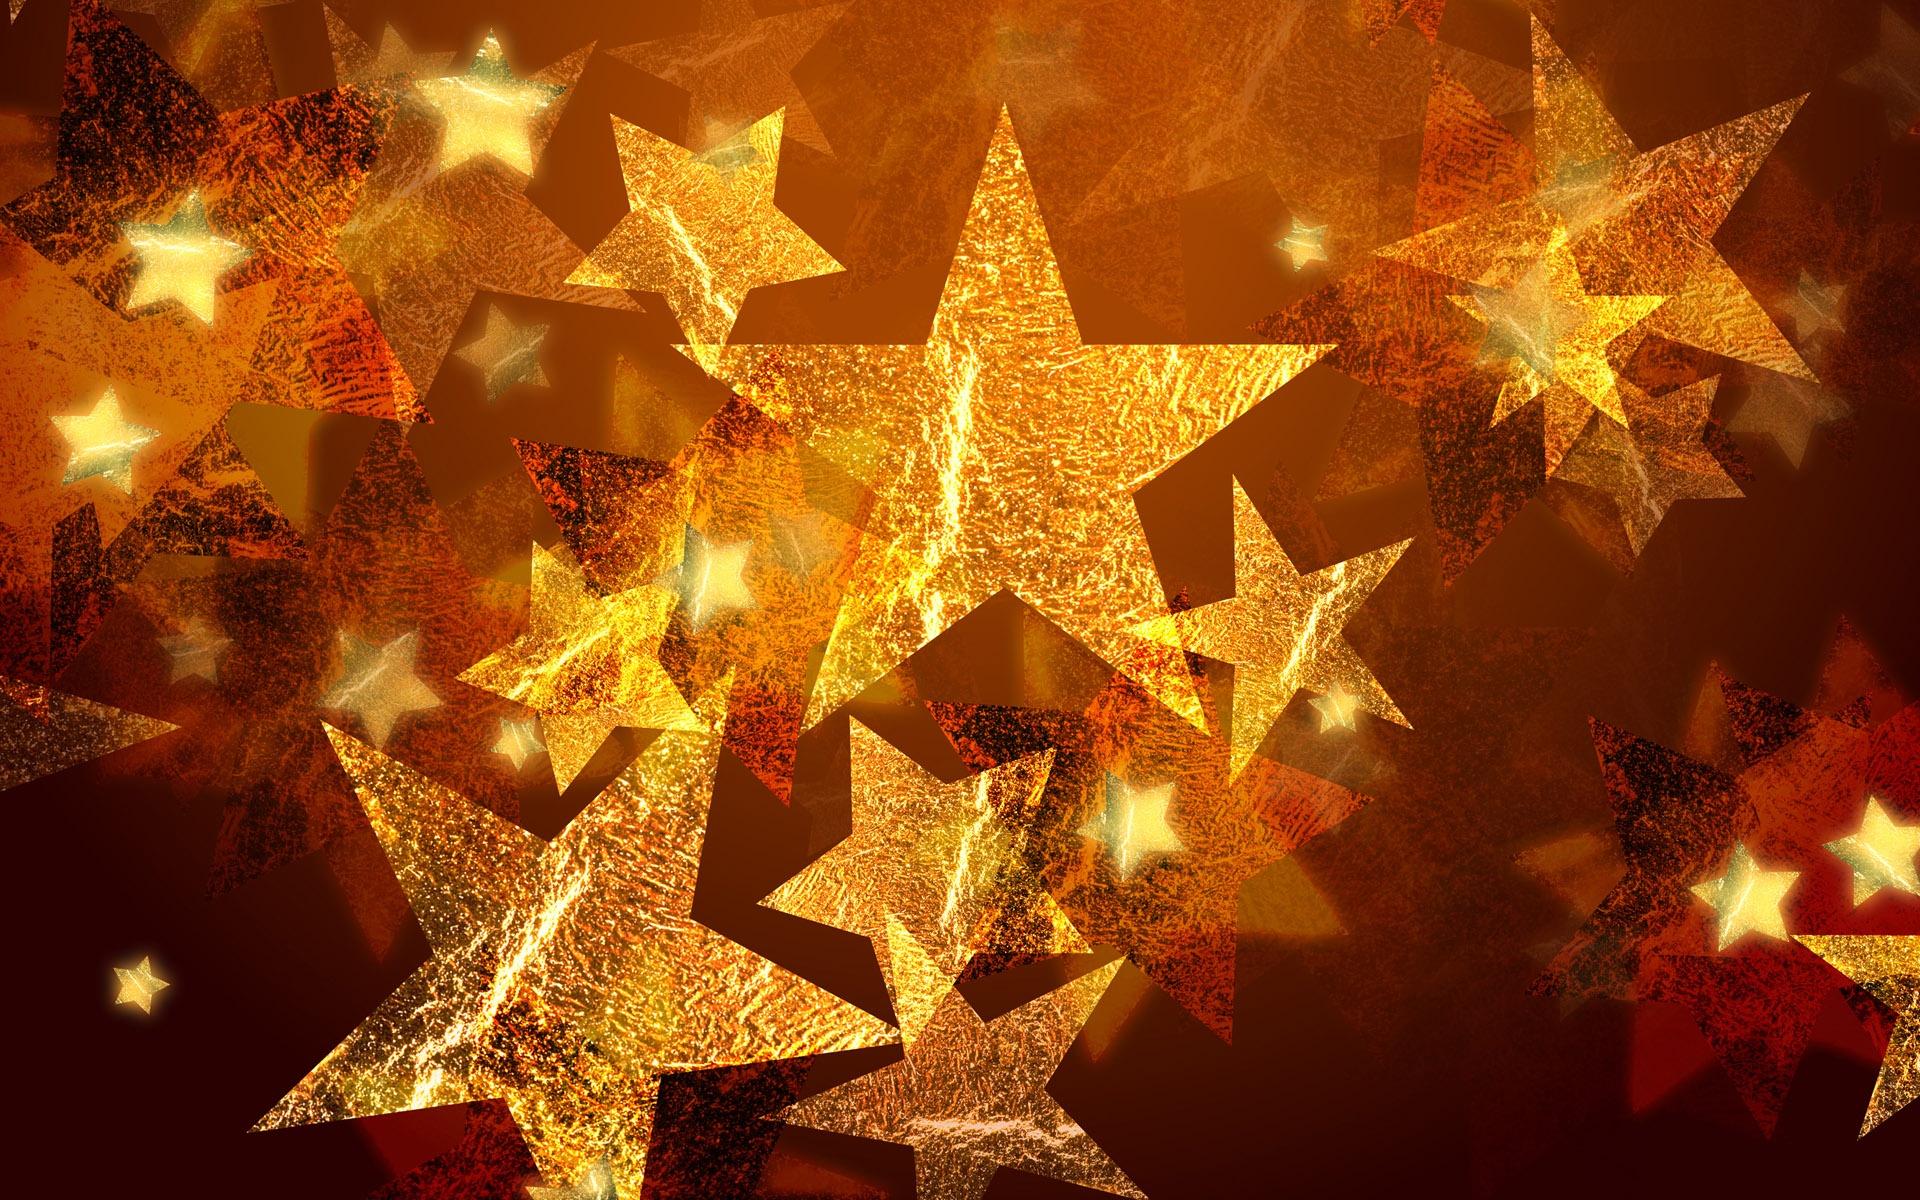 Fünfzackigen Stern Weihnachtsschmuck 1920x1200 HD Hintergrundbilder ...